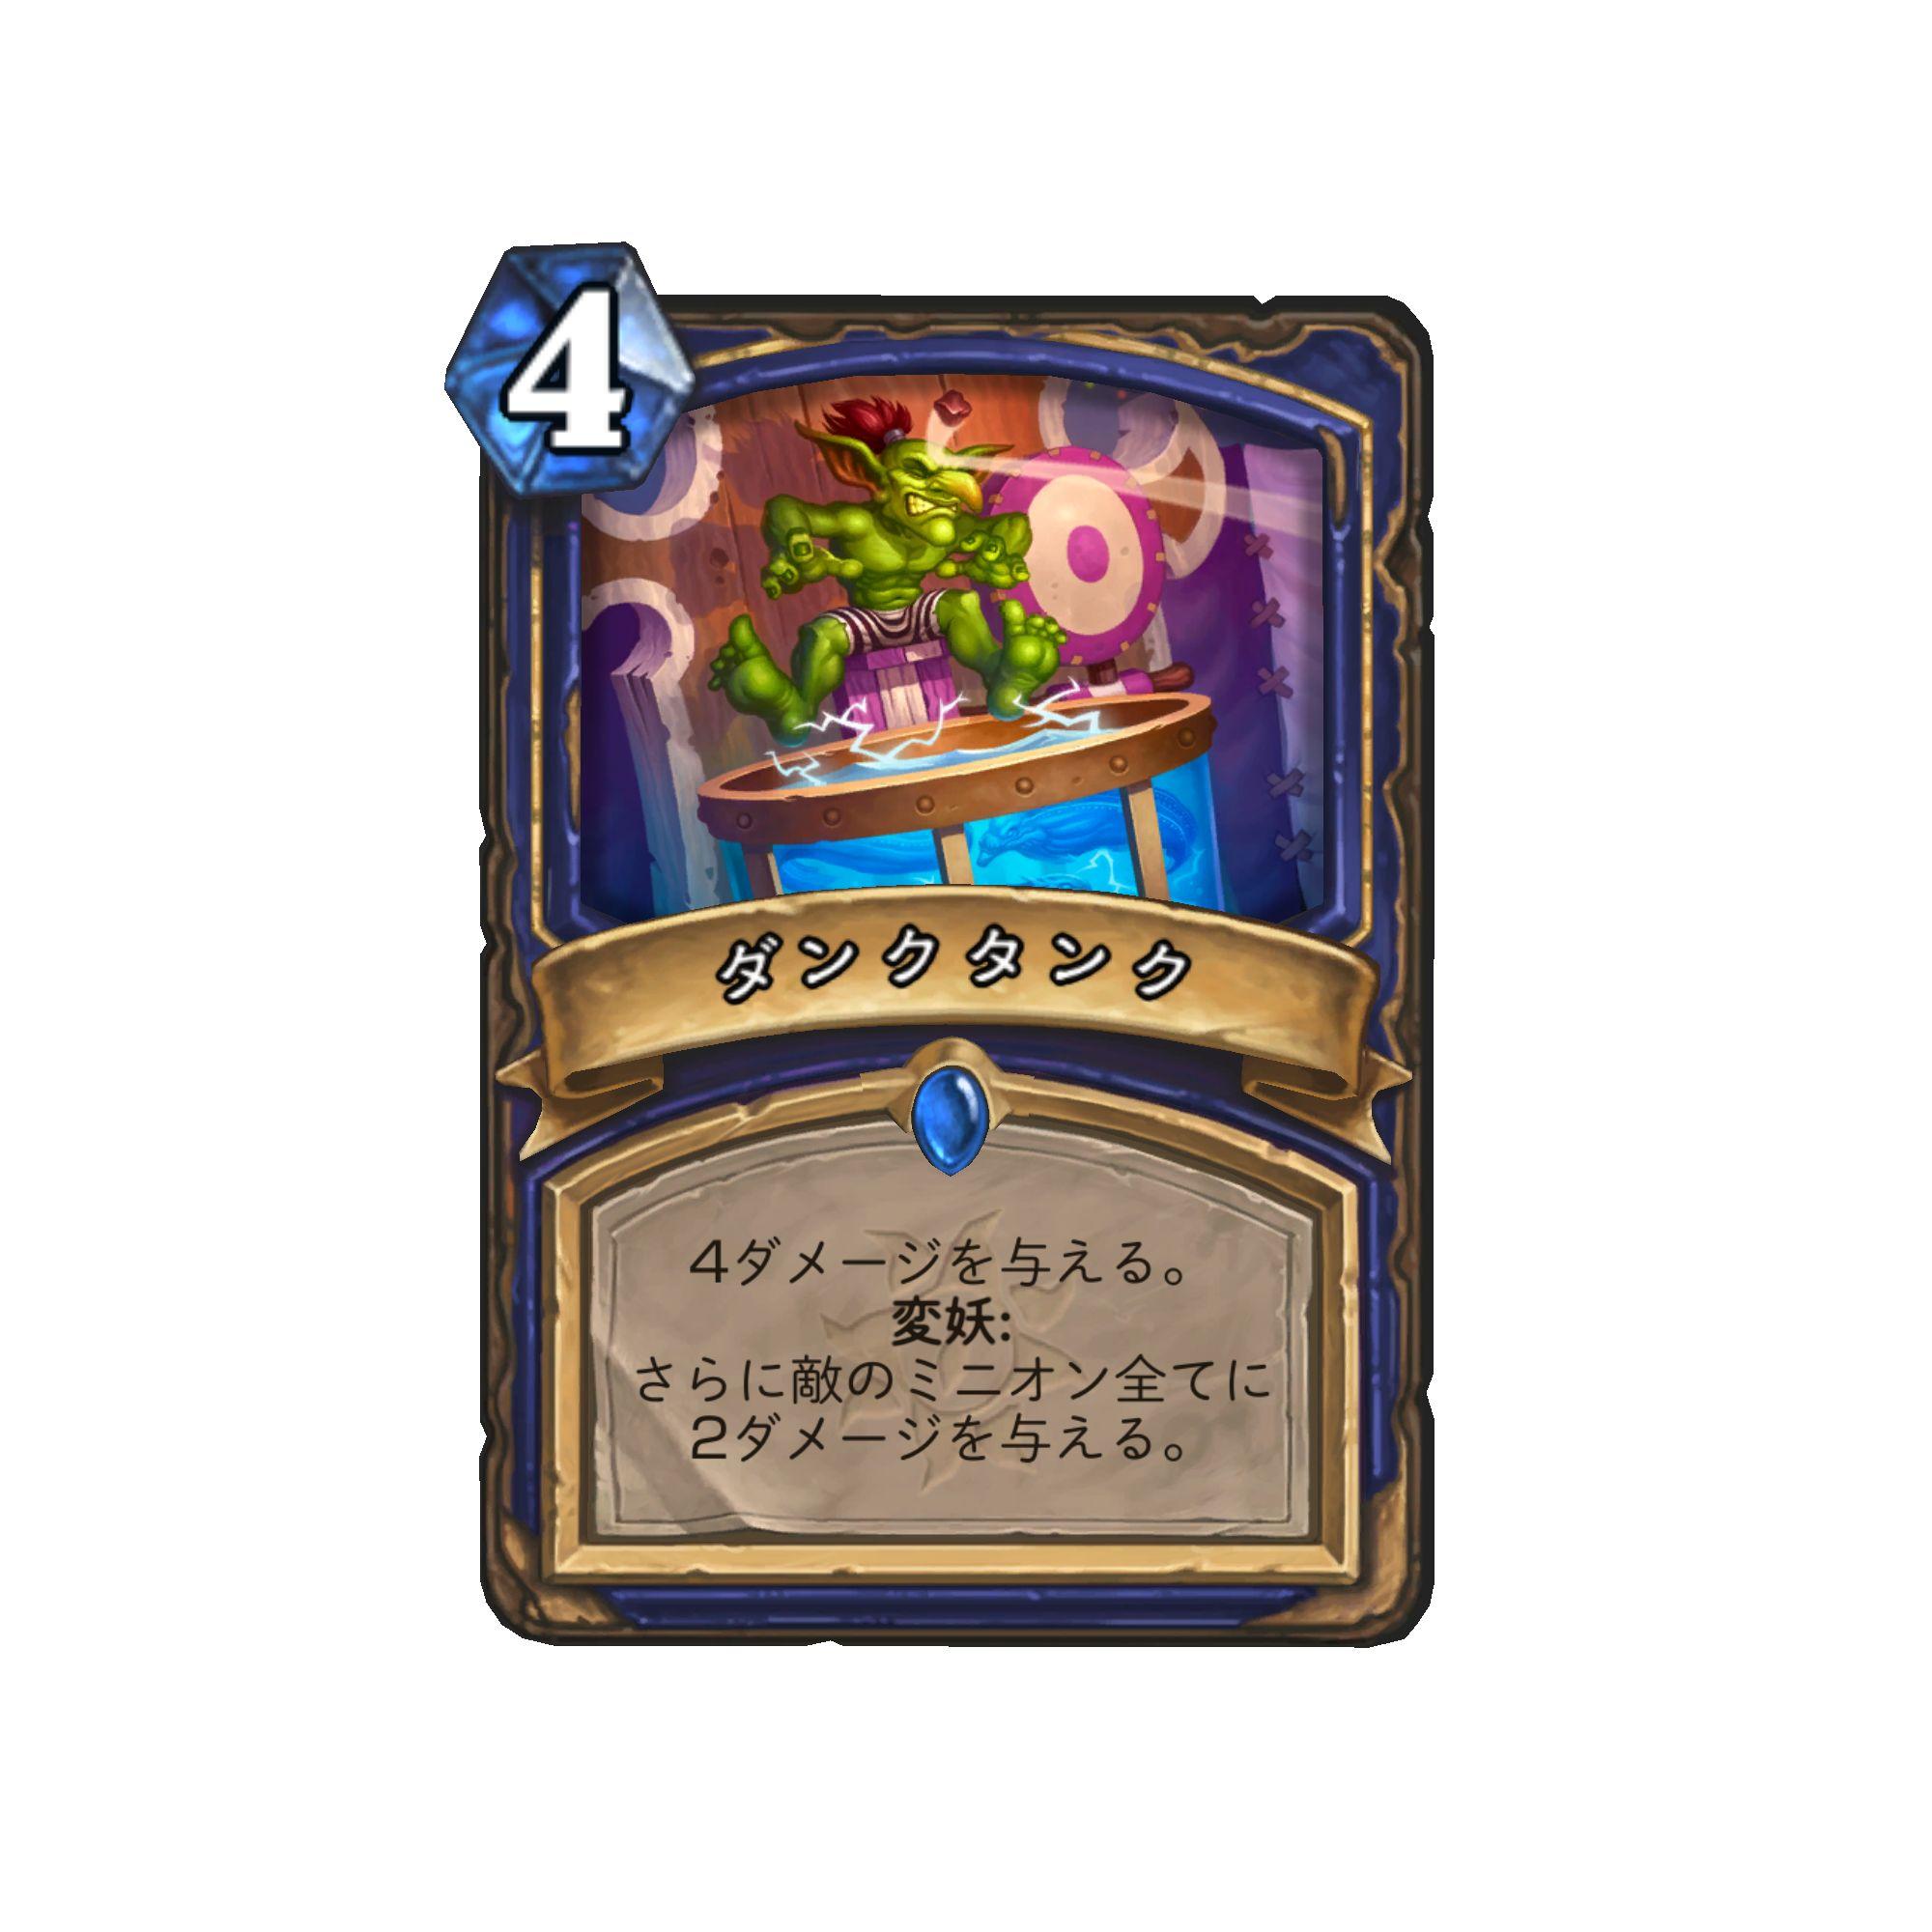 「変妖」を持つ呪文「ダンクタンク」。通常はターゲットに4ダメージを与えるだけだ